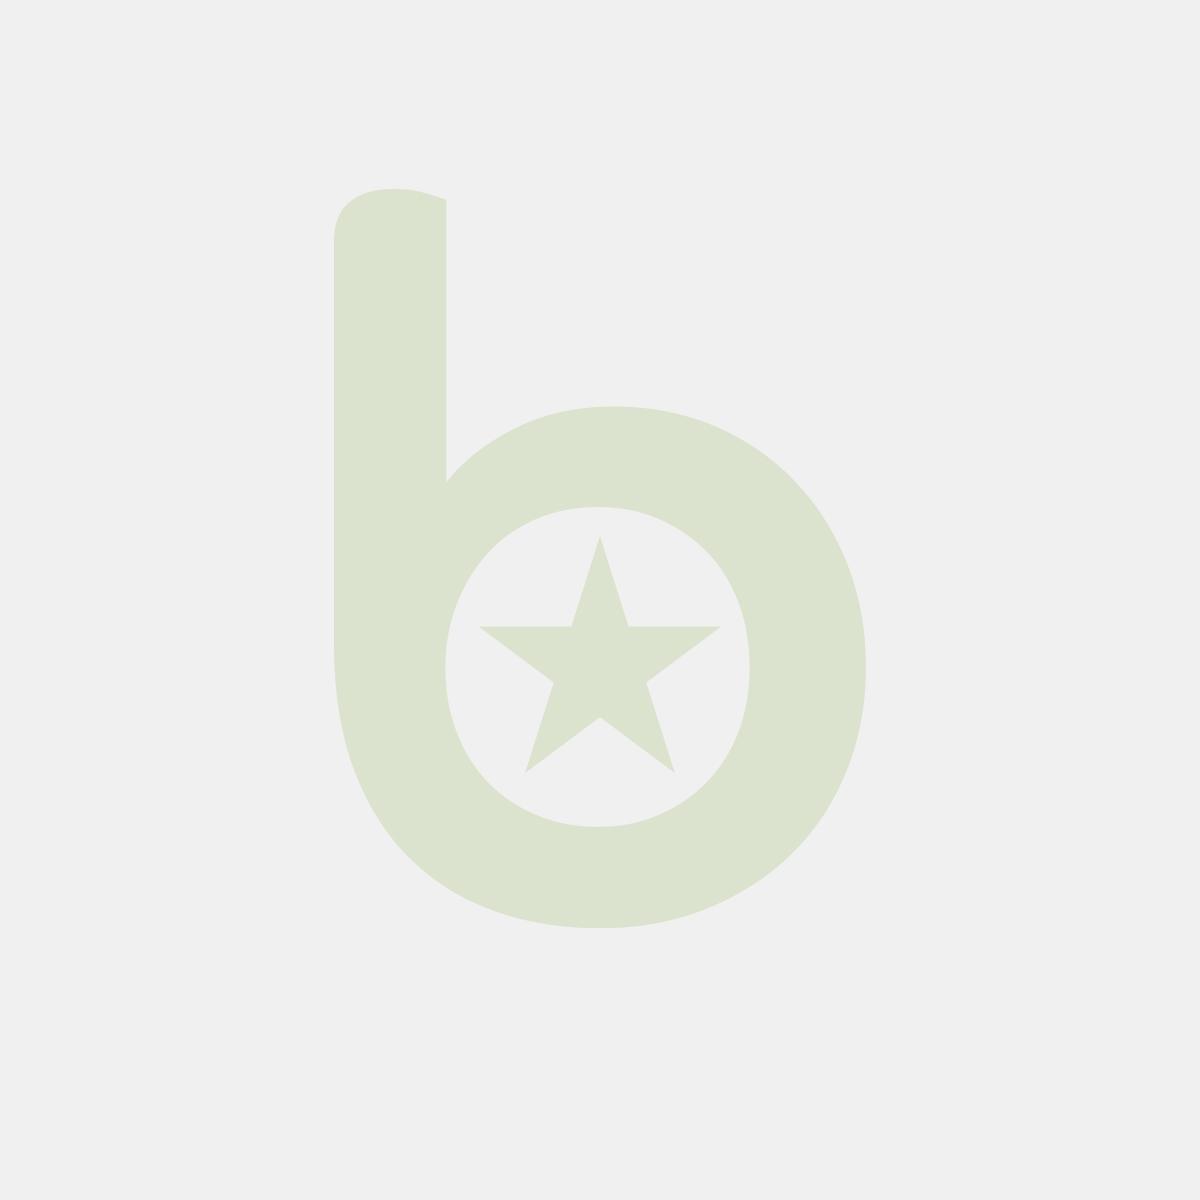 Bieżnik PAPSTAR ROYAL Collection w rolce 24m/40cm bordowy, bibuła